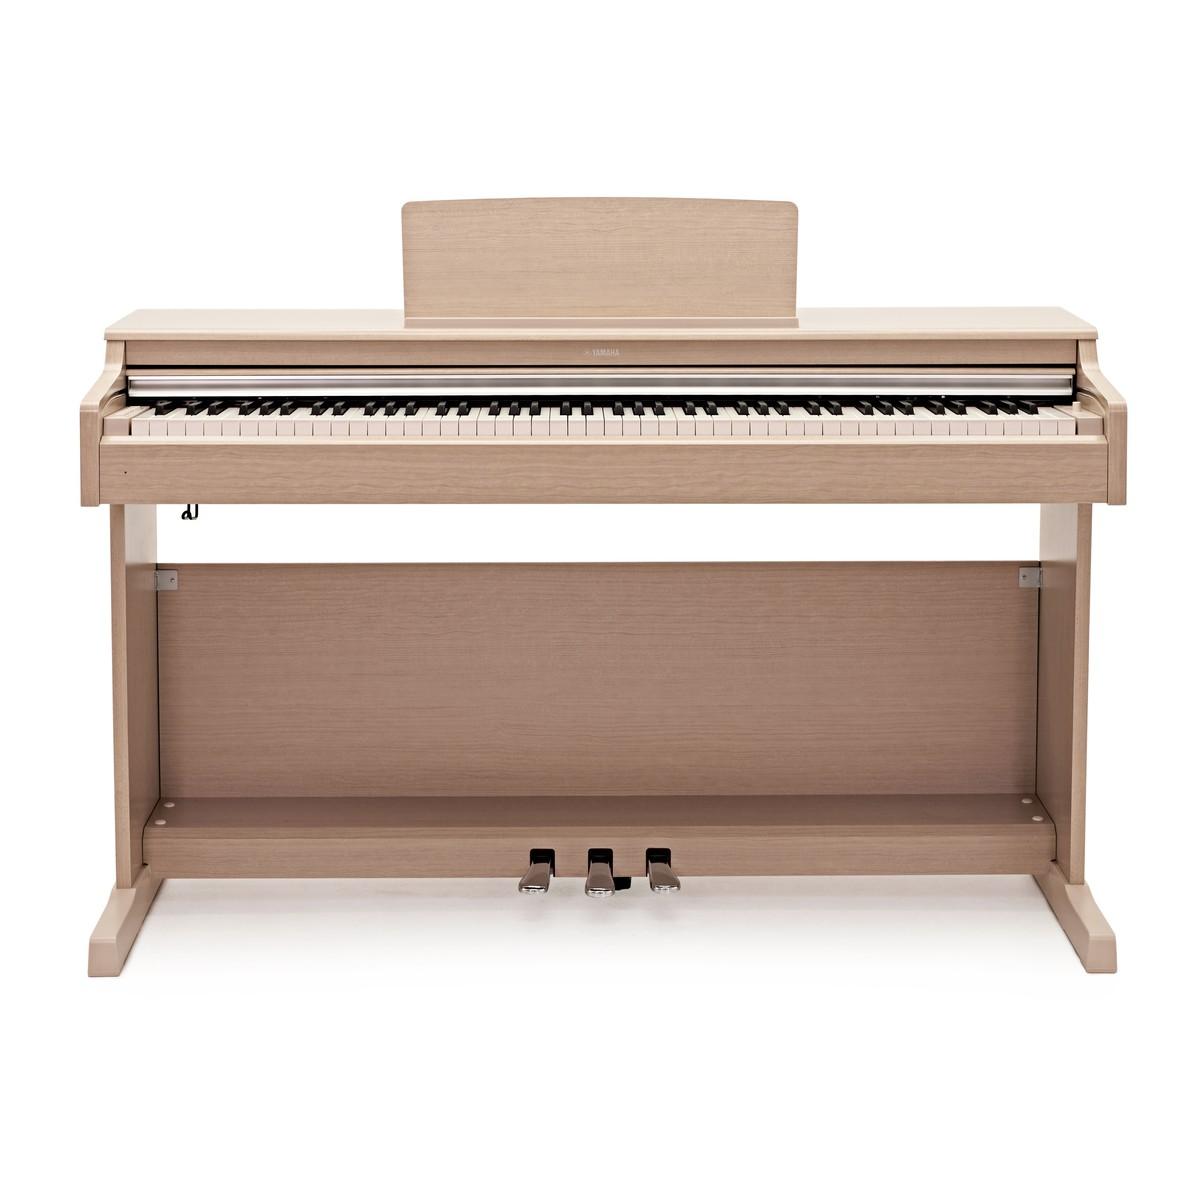 Цифровое пианино Yamaha Arius YDP-164 White Ash Фото 1